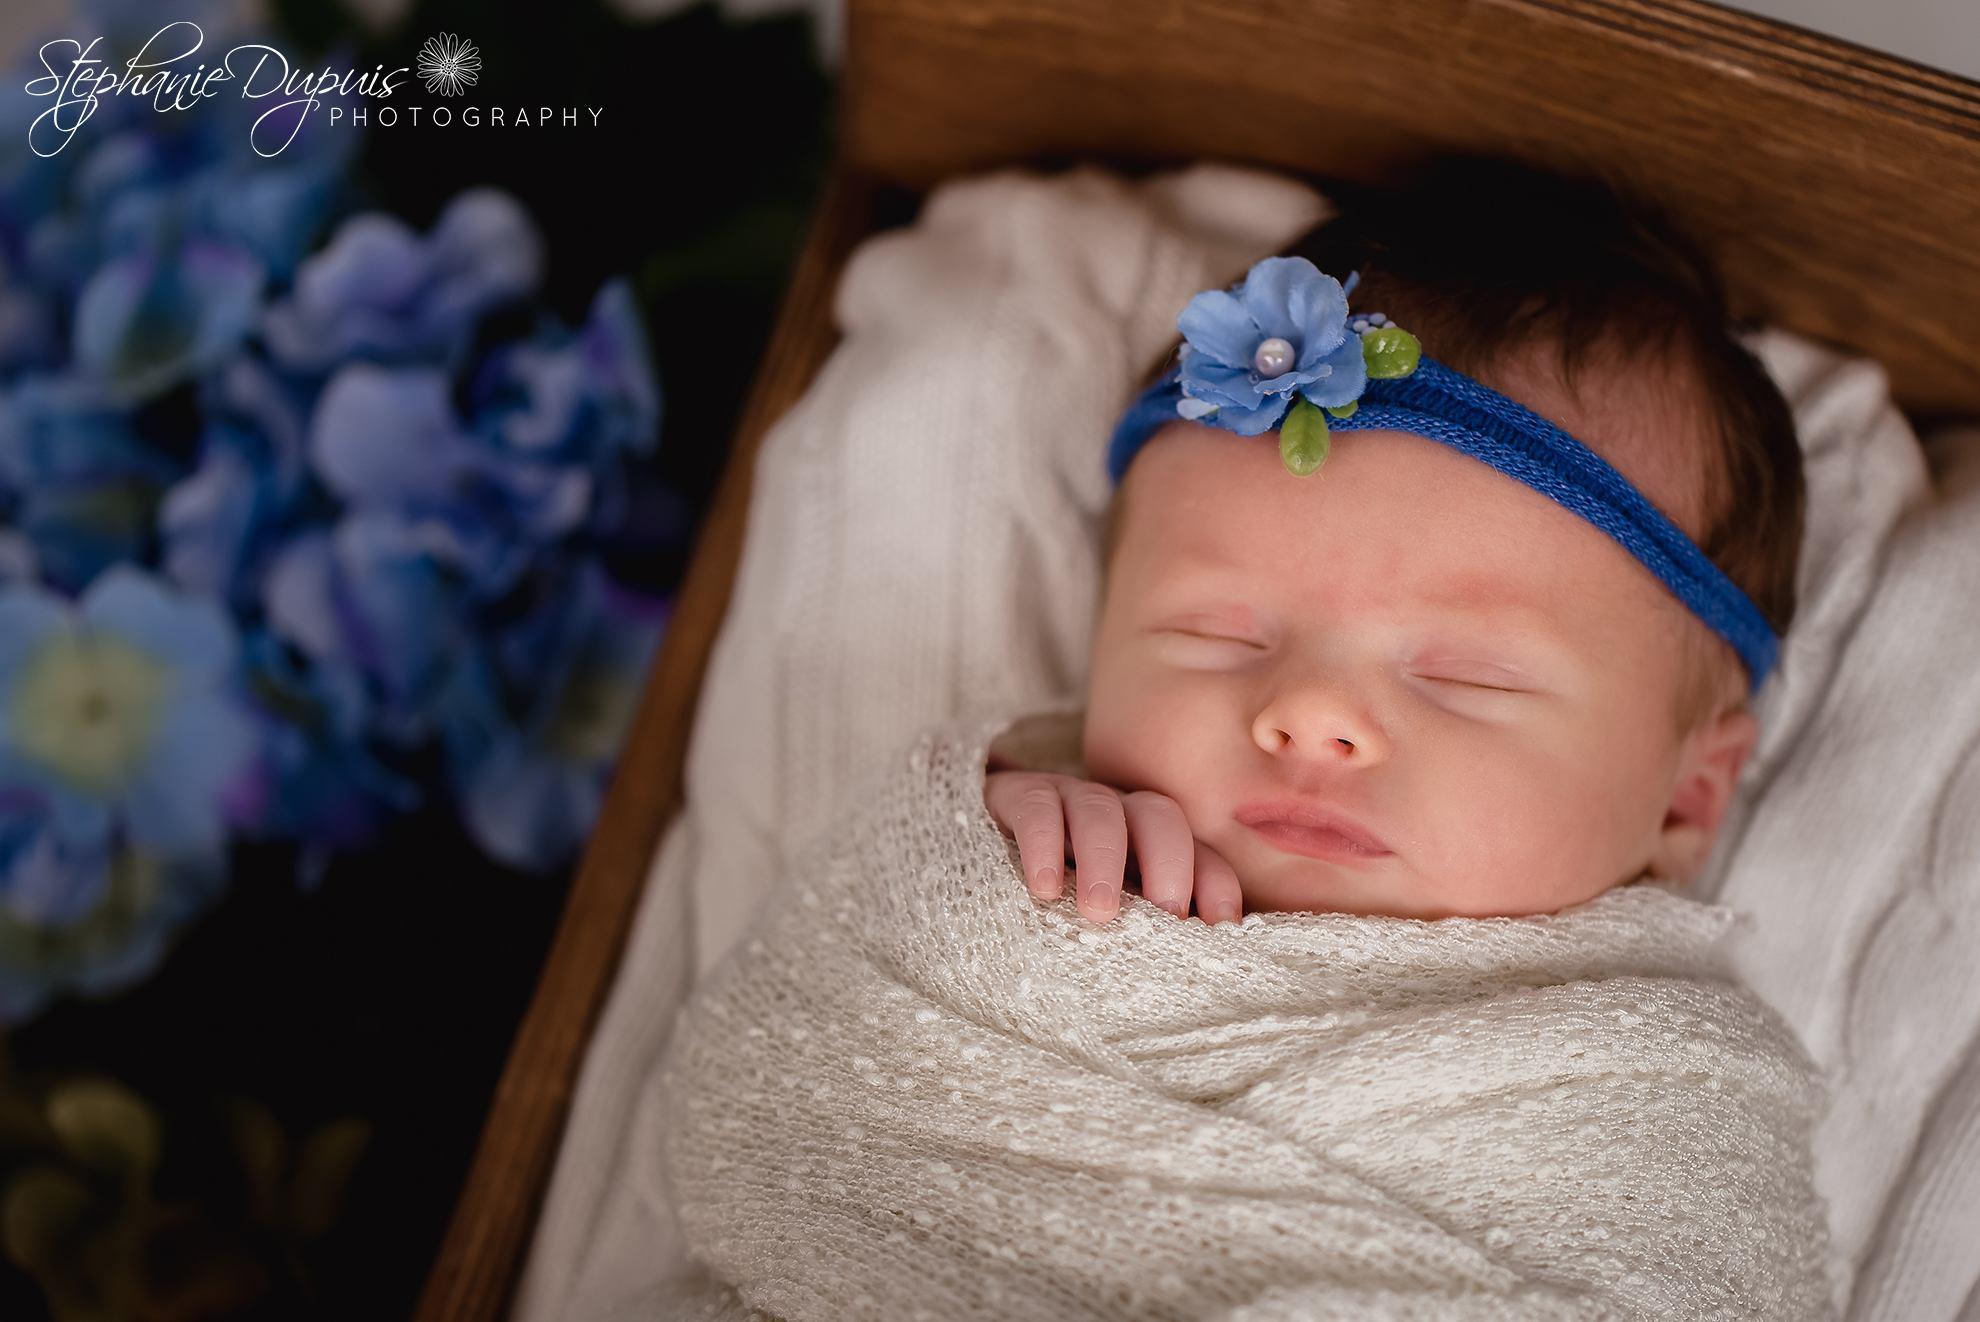 Abbott 5 - Portfolio: Khloe Newborn Session